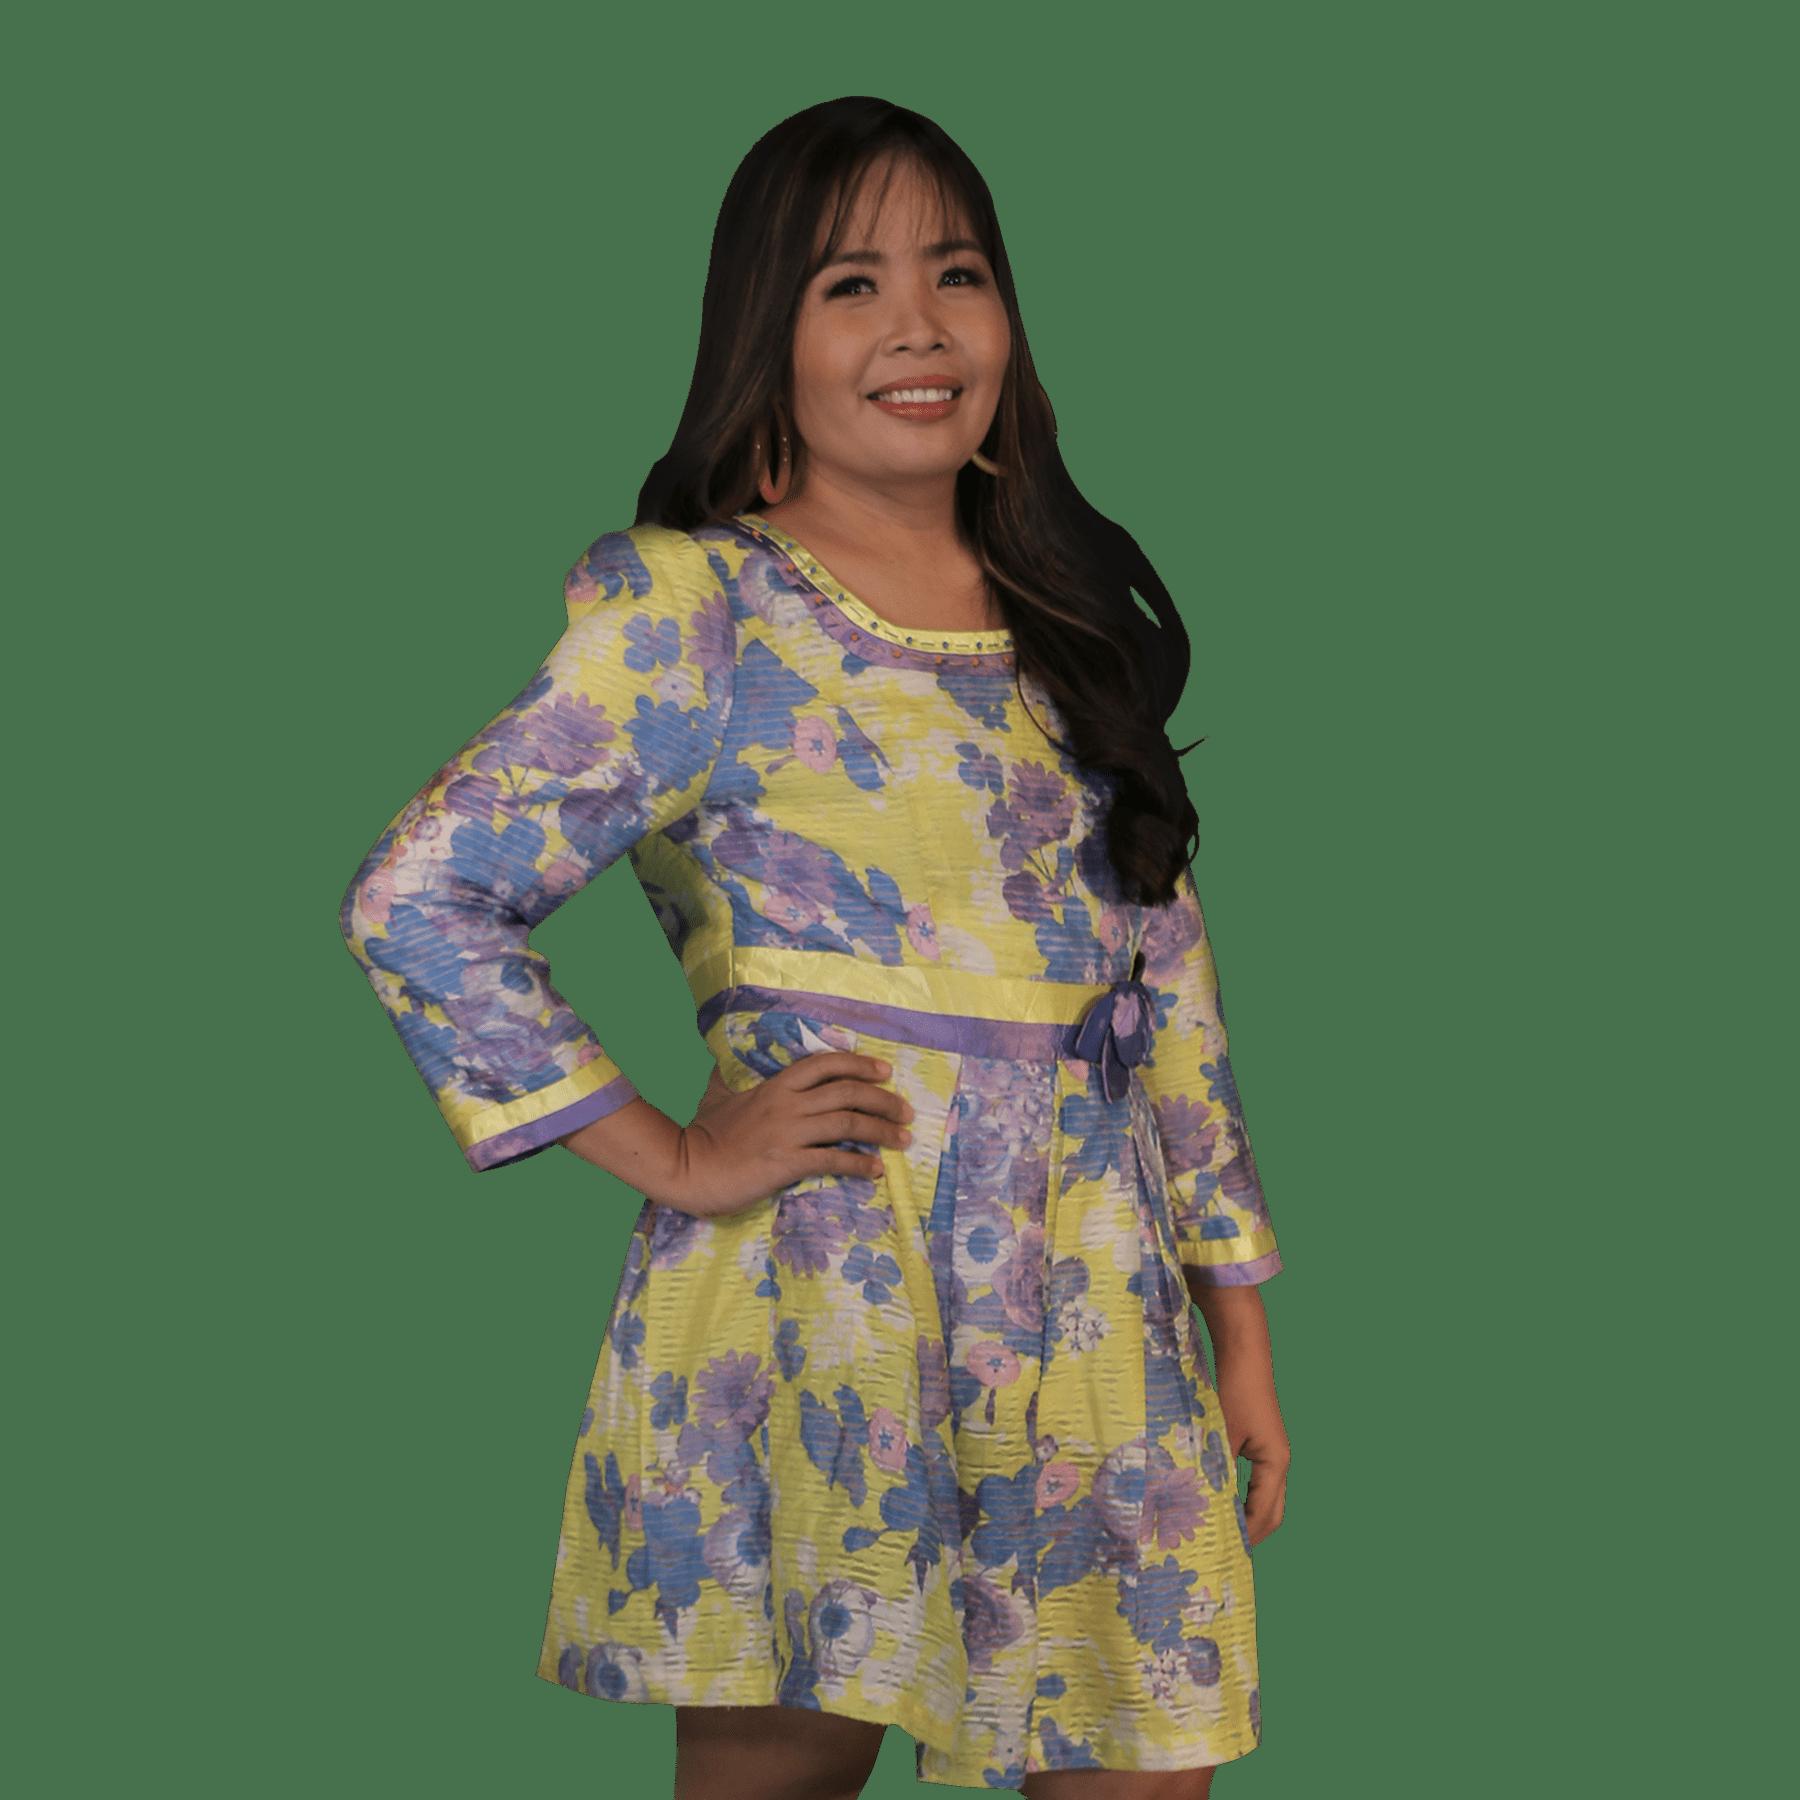 Jenna Lumbang Parungao